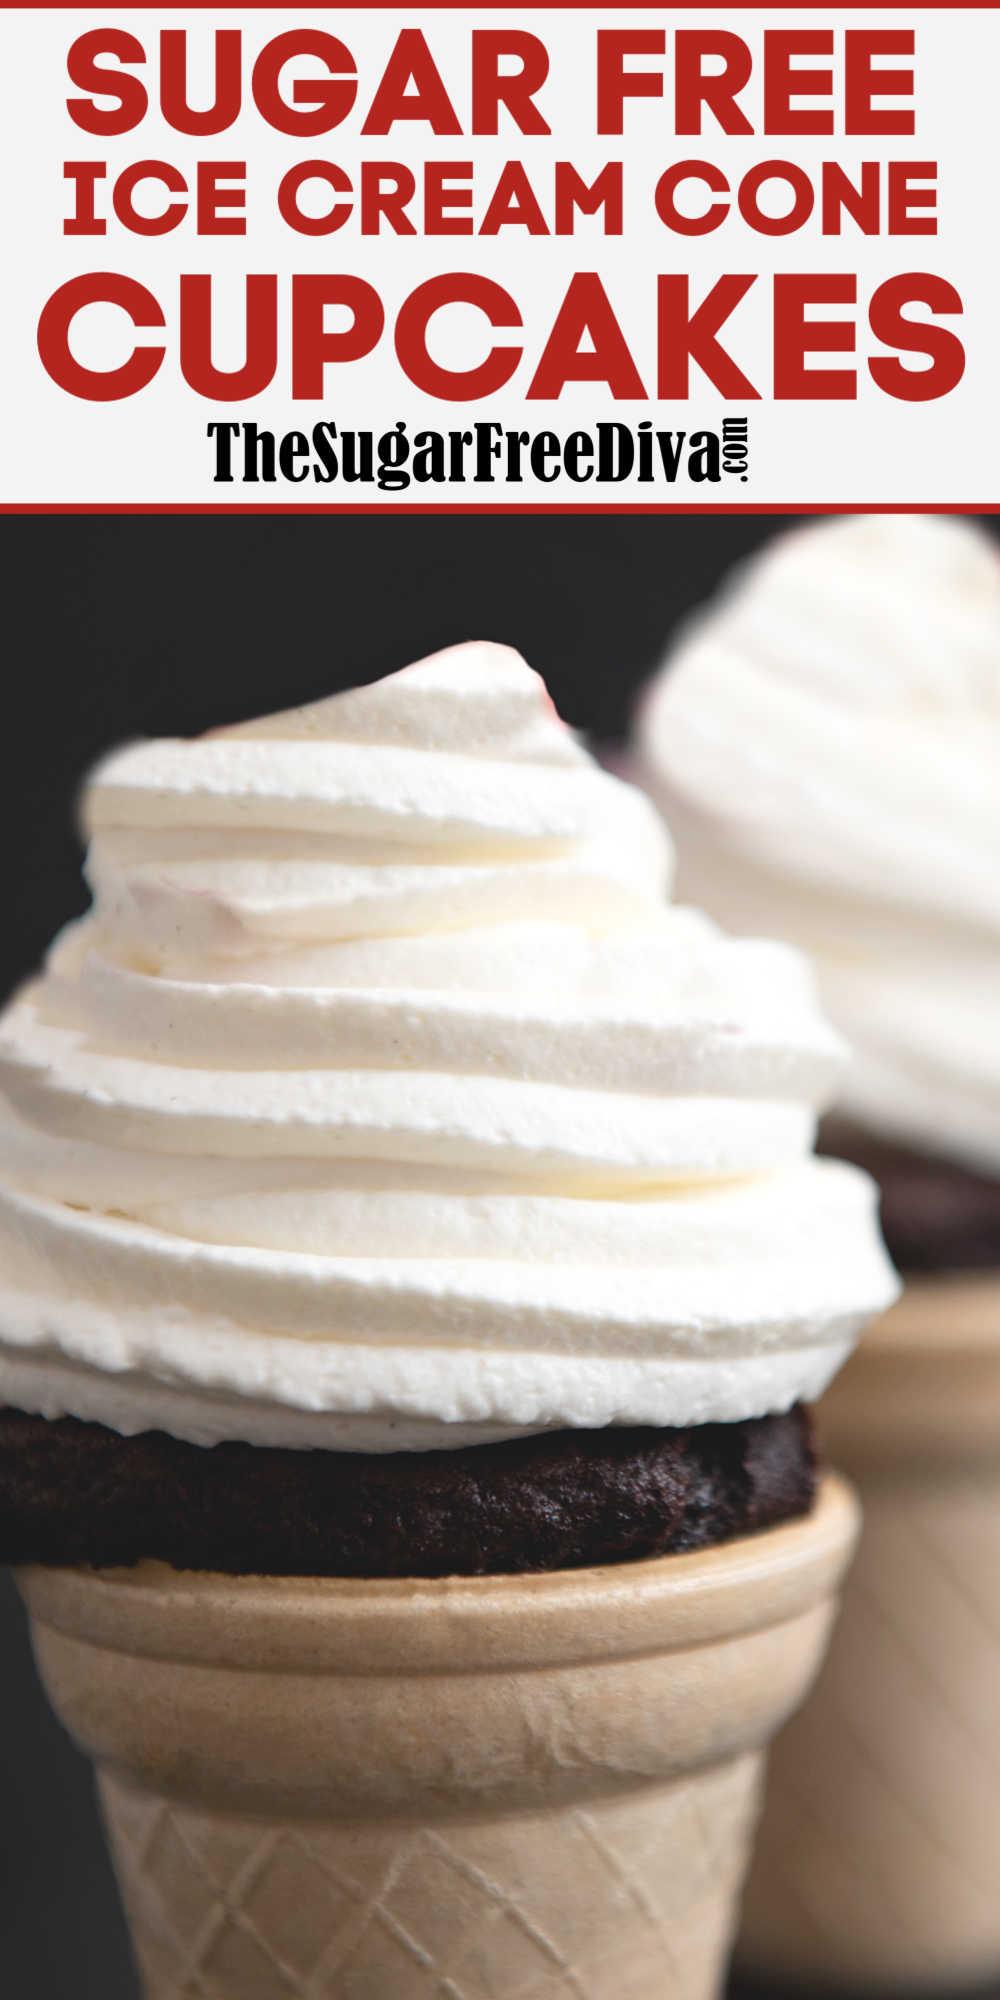 Sugar Free Ice Cream Cone Cupcakes